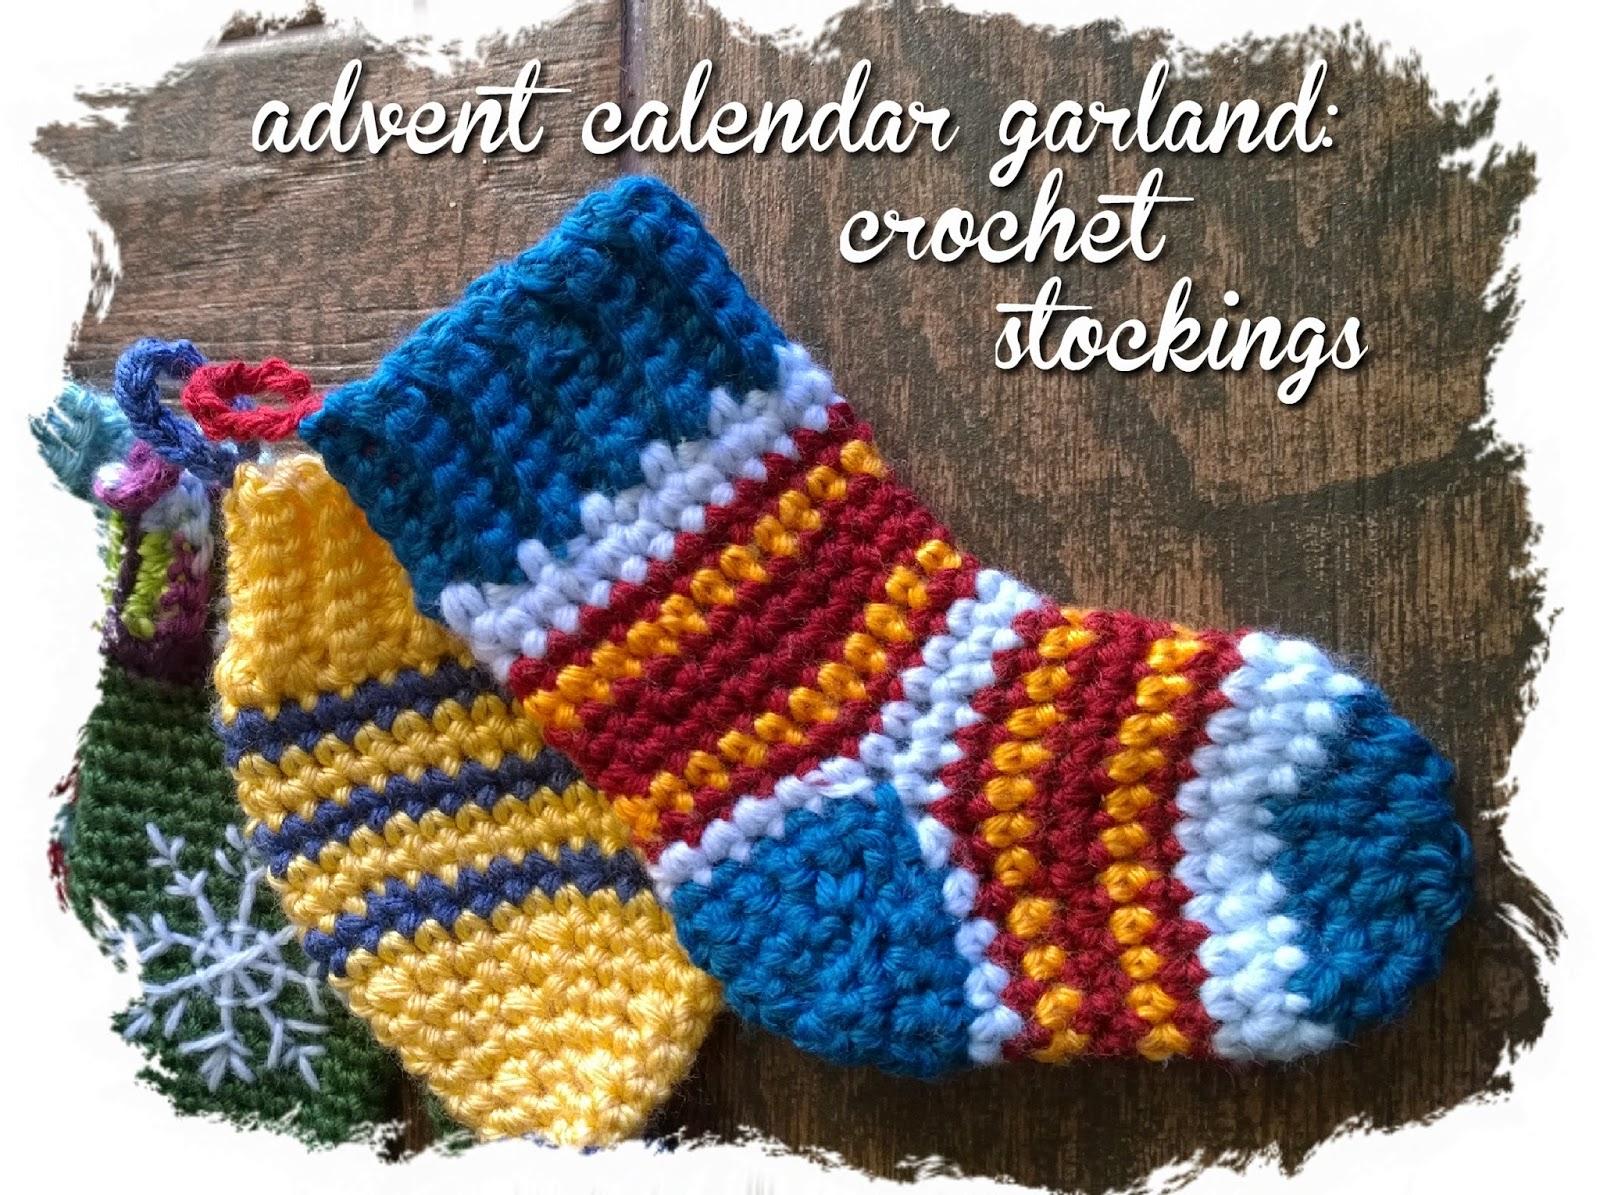 non*sense..: advent calendar garland: crochet stockings